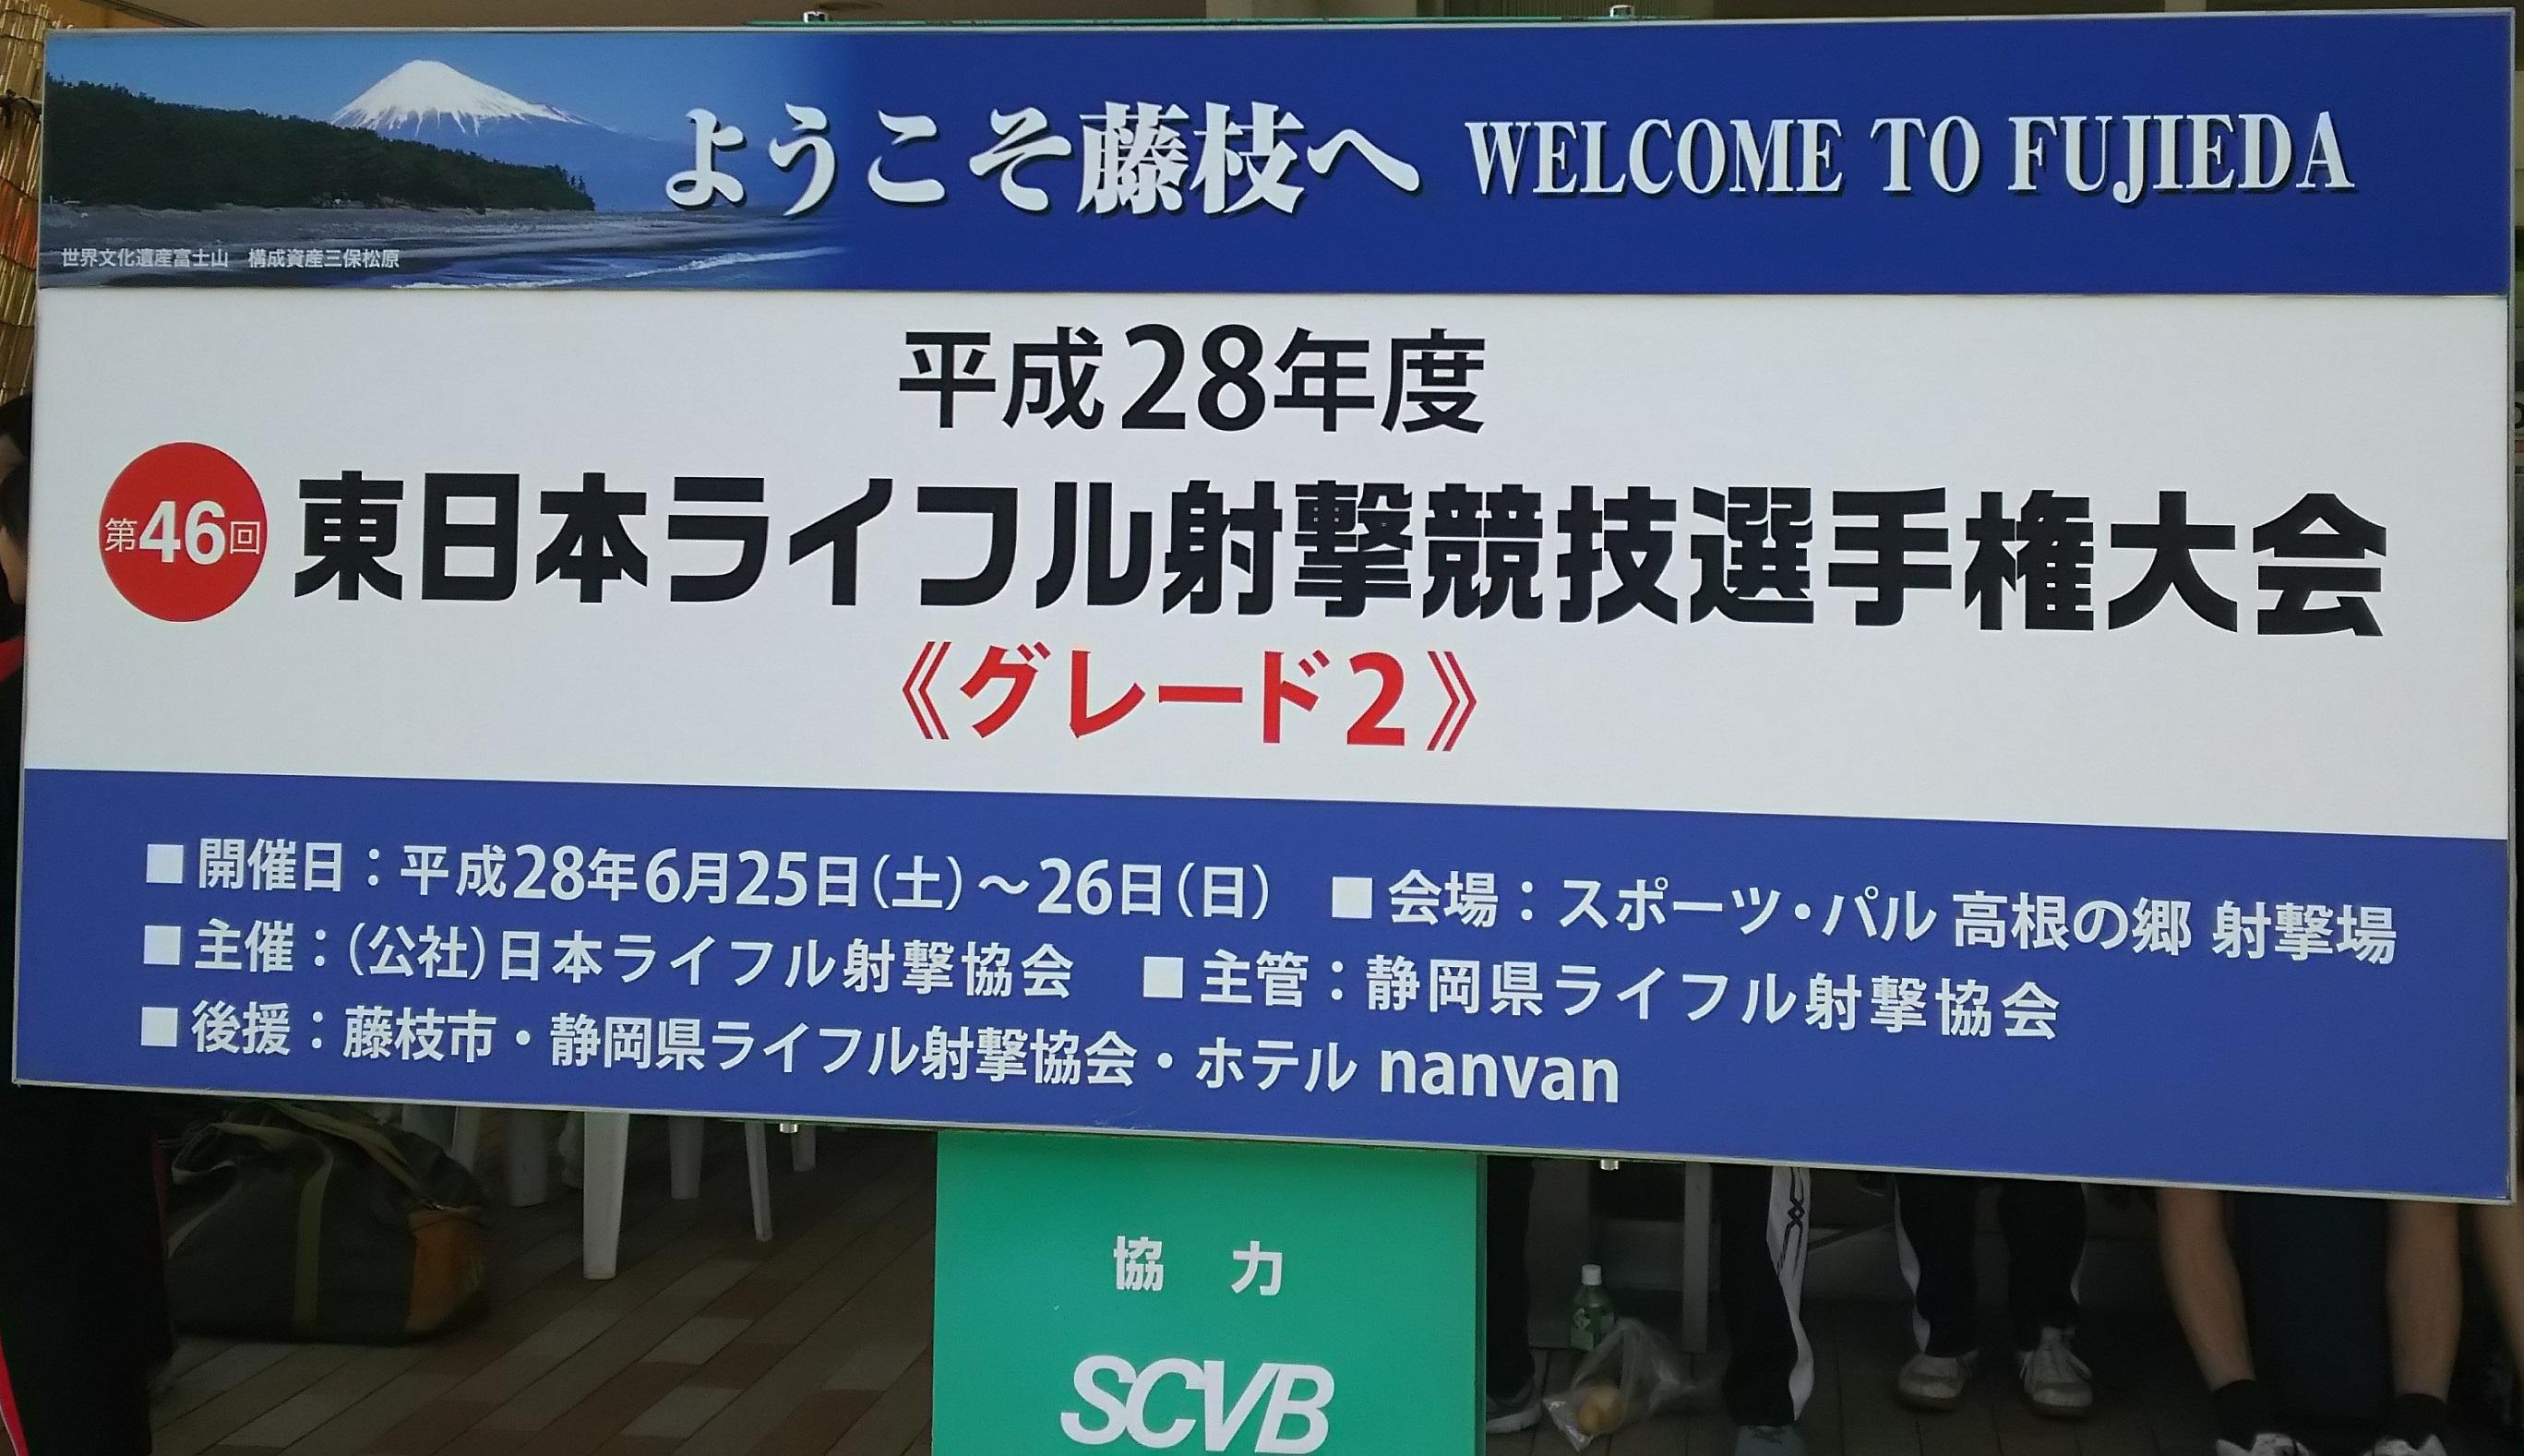 東日本ライフル射撃選手権大会に参加してきました